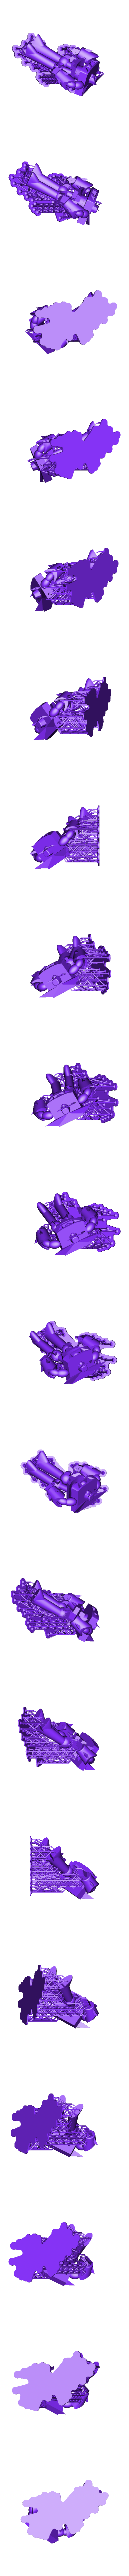 Robo_Devo_3000_supports.stl Télécharger fichier STL gratuit Robo Dexo 3000 (Robot du laboratoire de Dexter) • Objet imprimable en 3D, Jangie